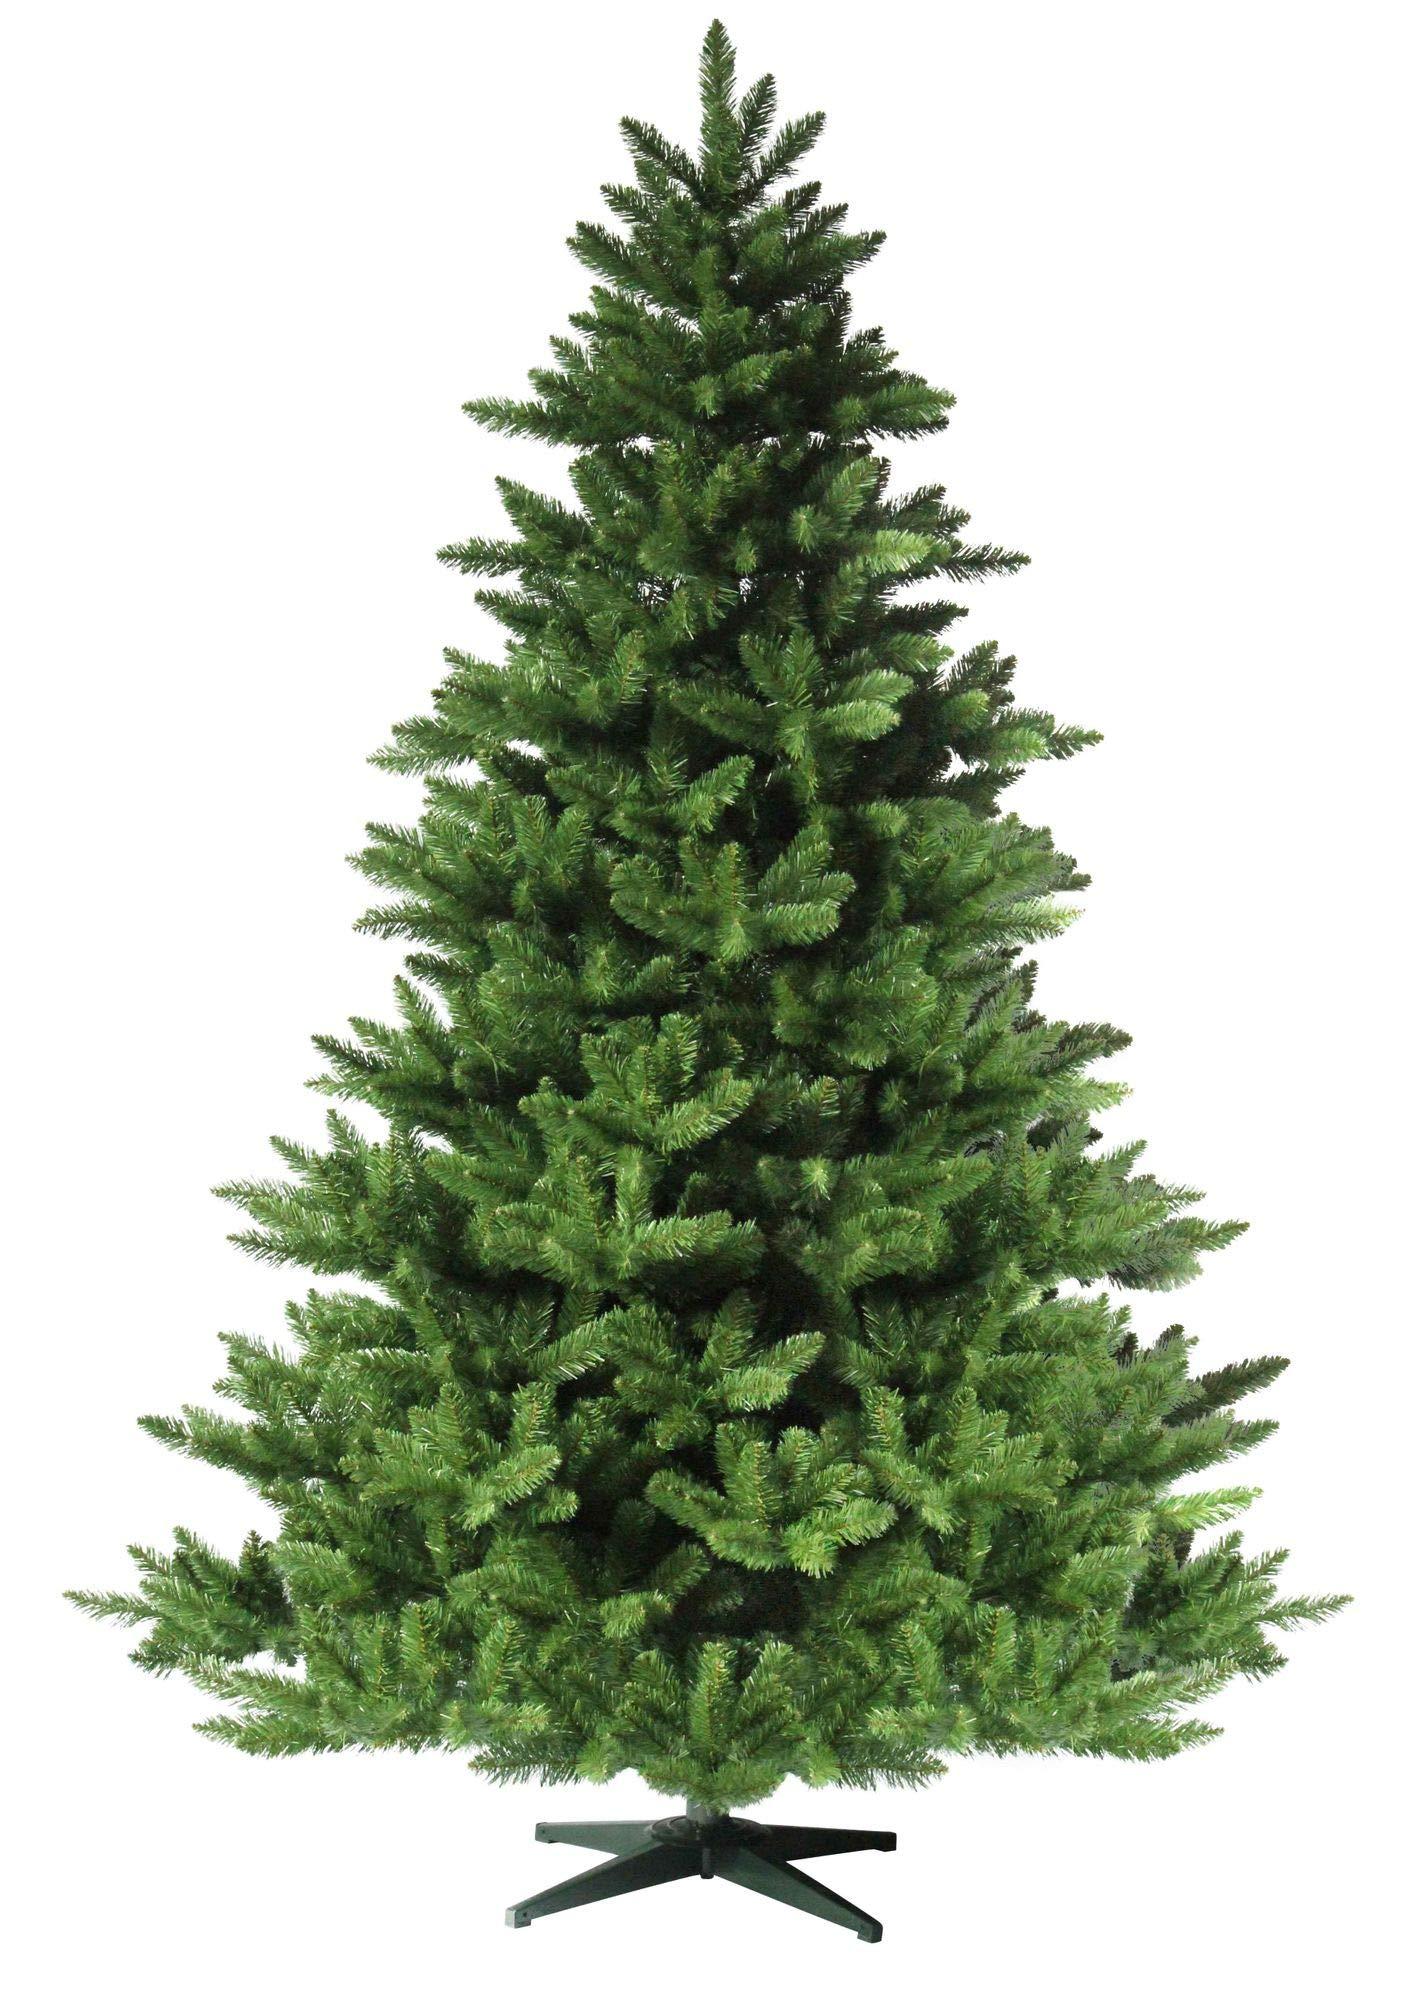 RS-Trade-HXT-19001-knstlicher-Weihnachtsbaum-Schnellaufbau-Klapp-Schirmsystem-schwer-entflammbar-unechter-Tannenbaum-inkl-Metall-Christbaum-Stnder